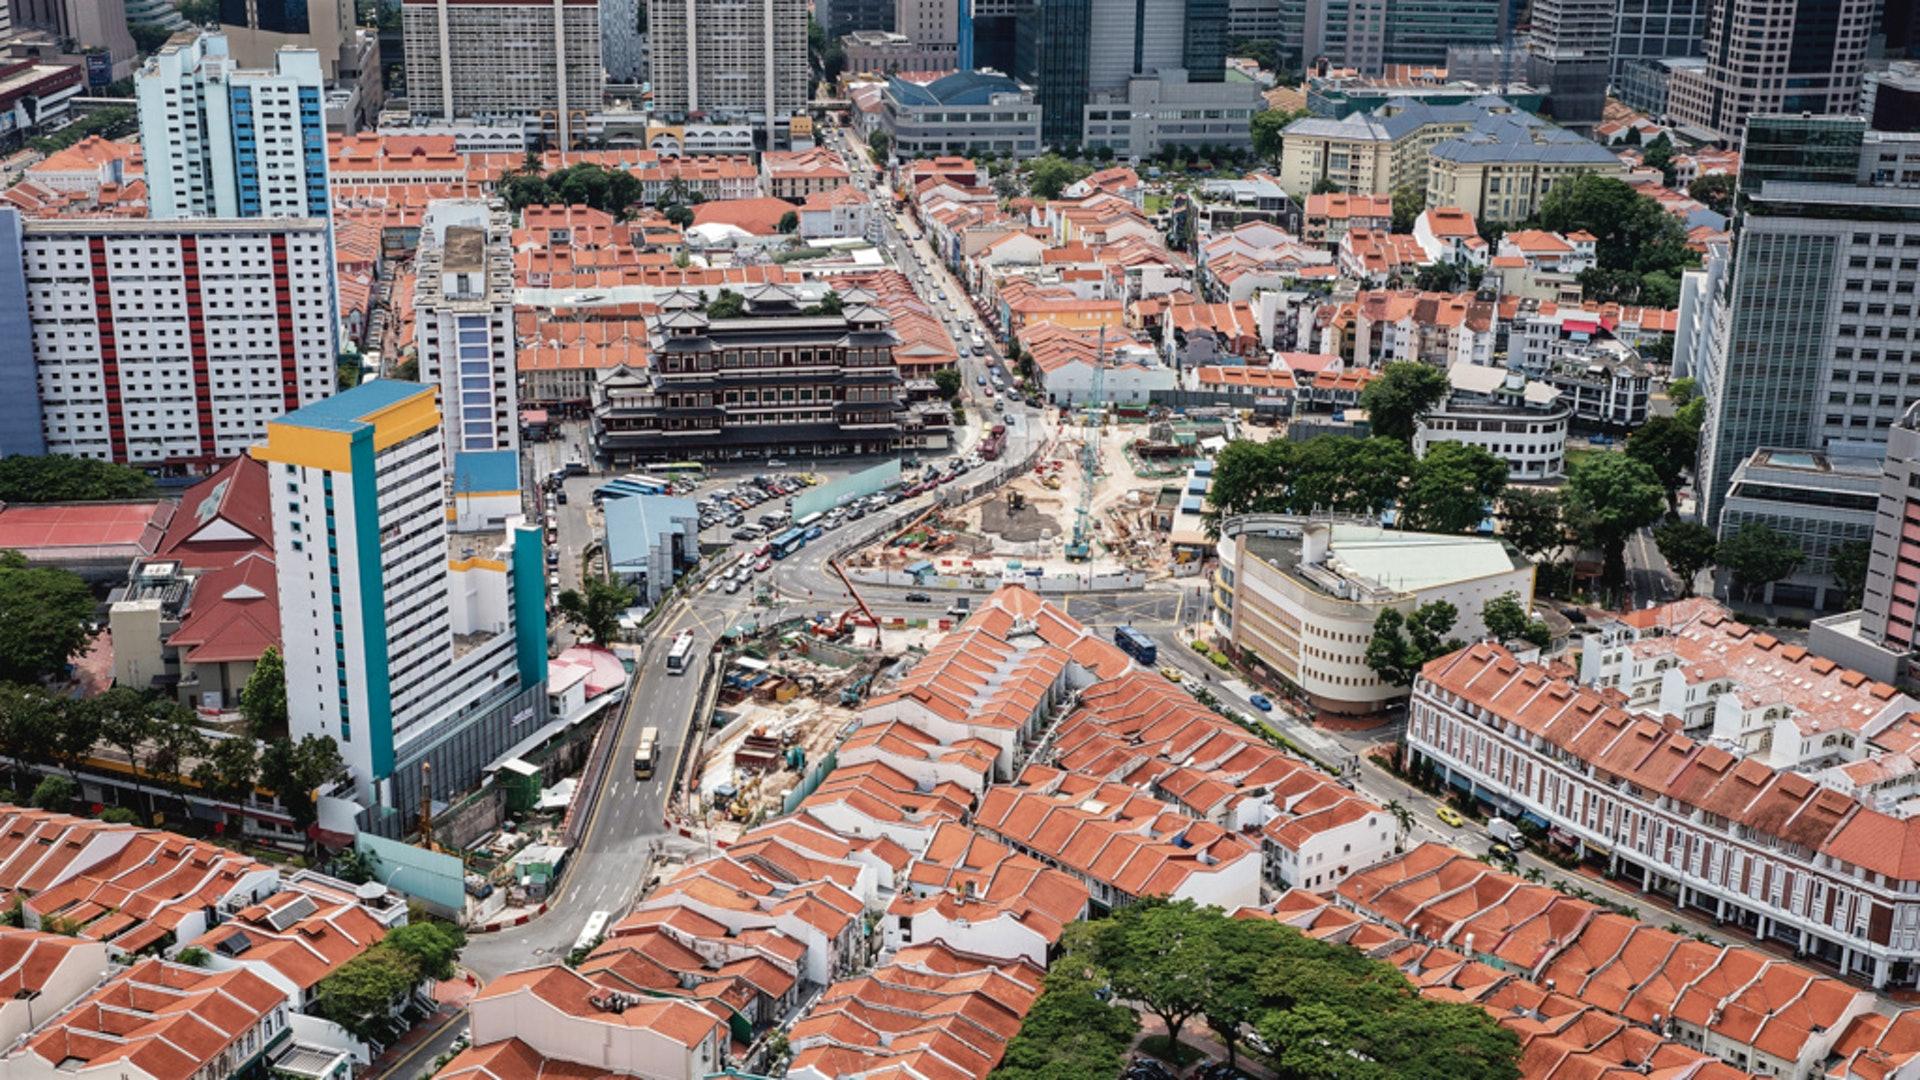 劉太格認為「城市規劃」就是要把城市建設為最完善的生活機器,同時要有藝術家的眼光,把美麗的自然山水保留下來。(羅君豪攝)